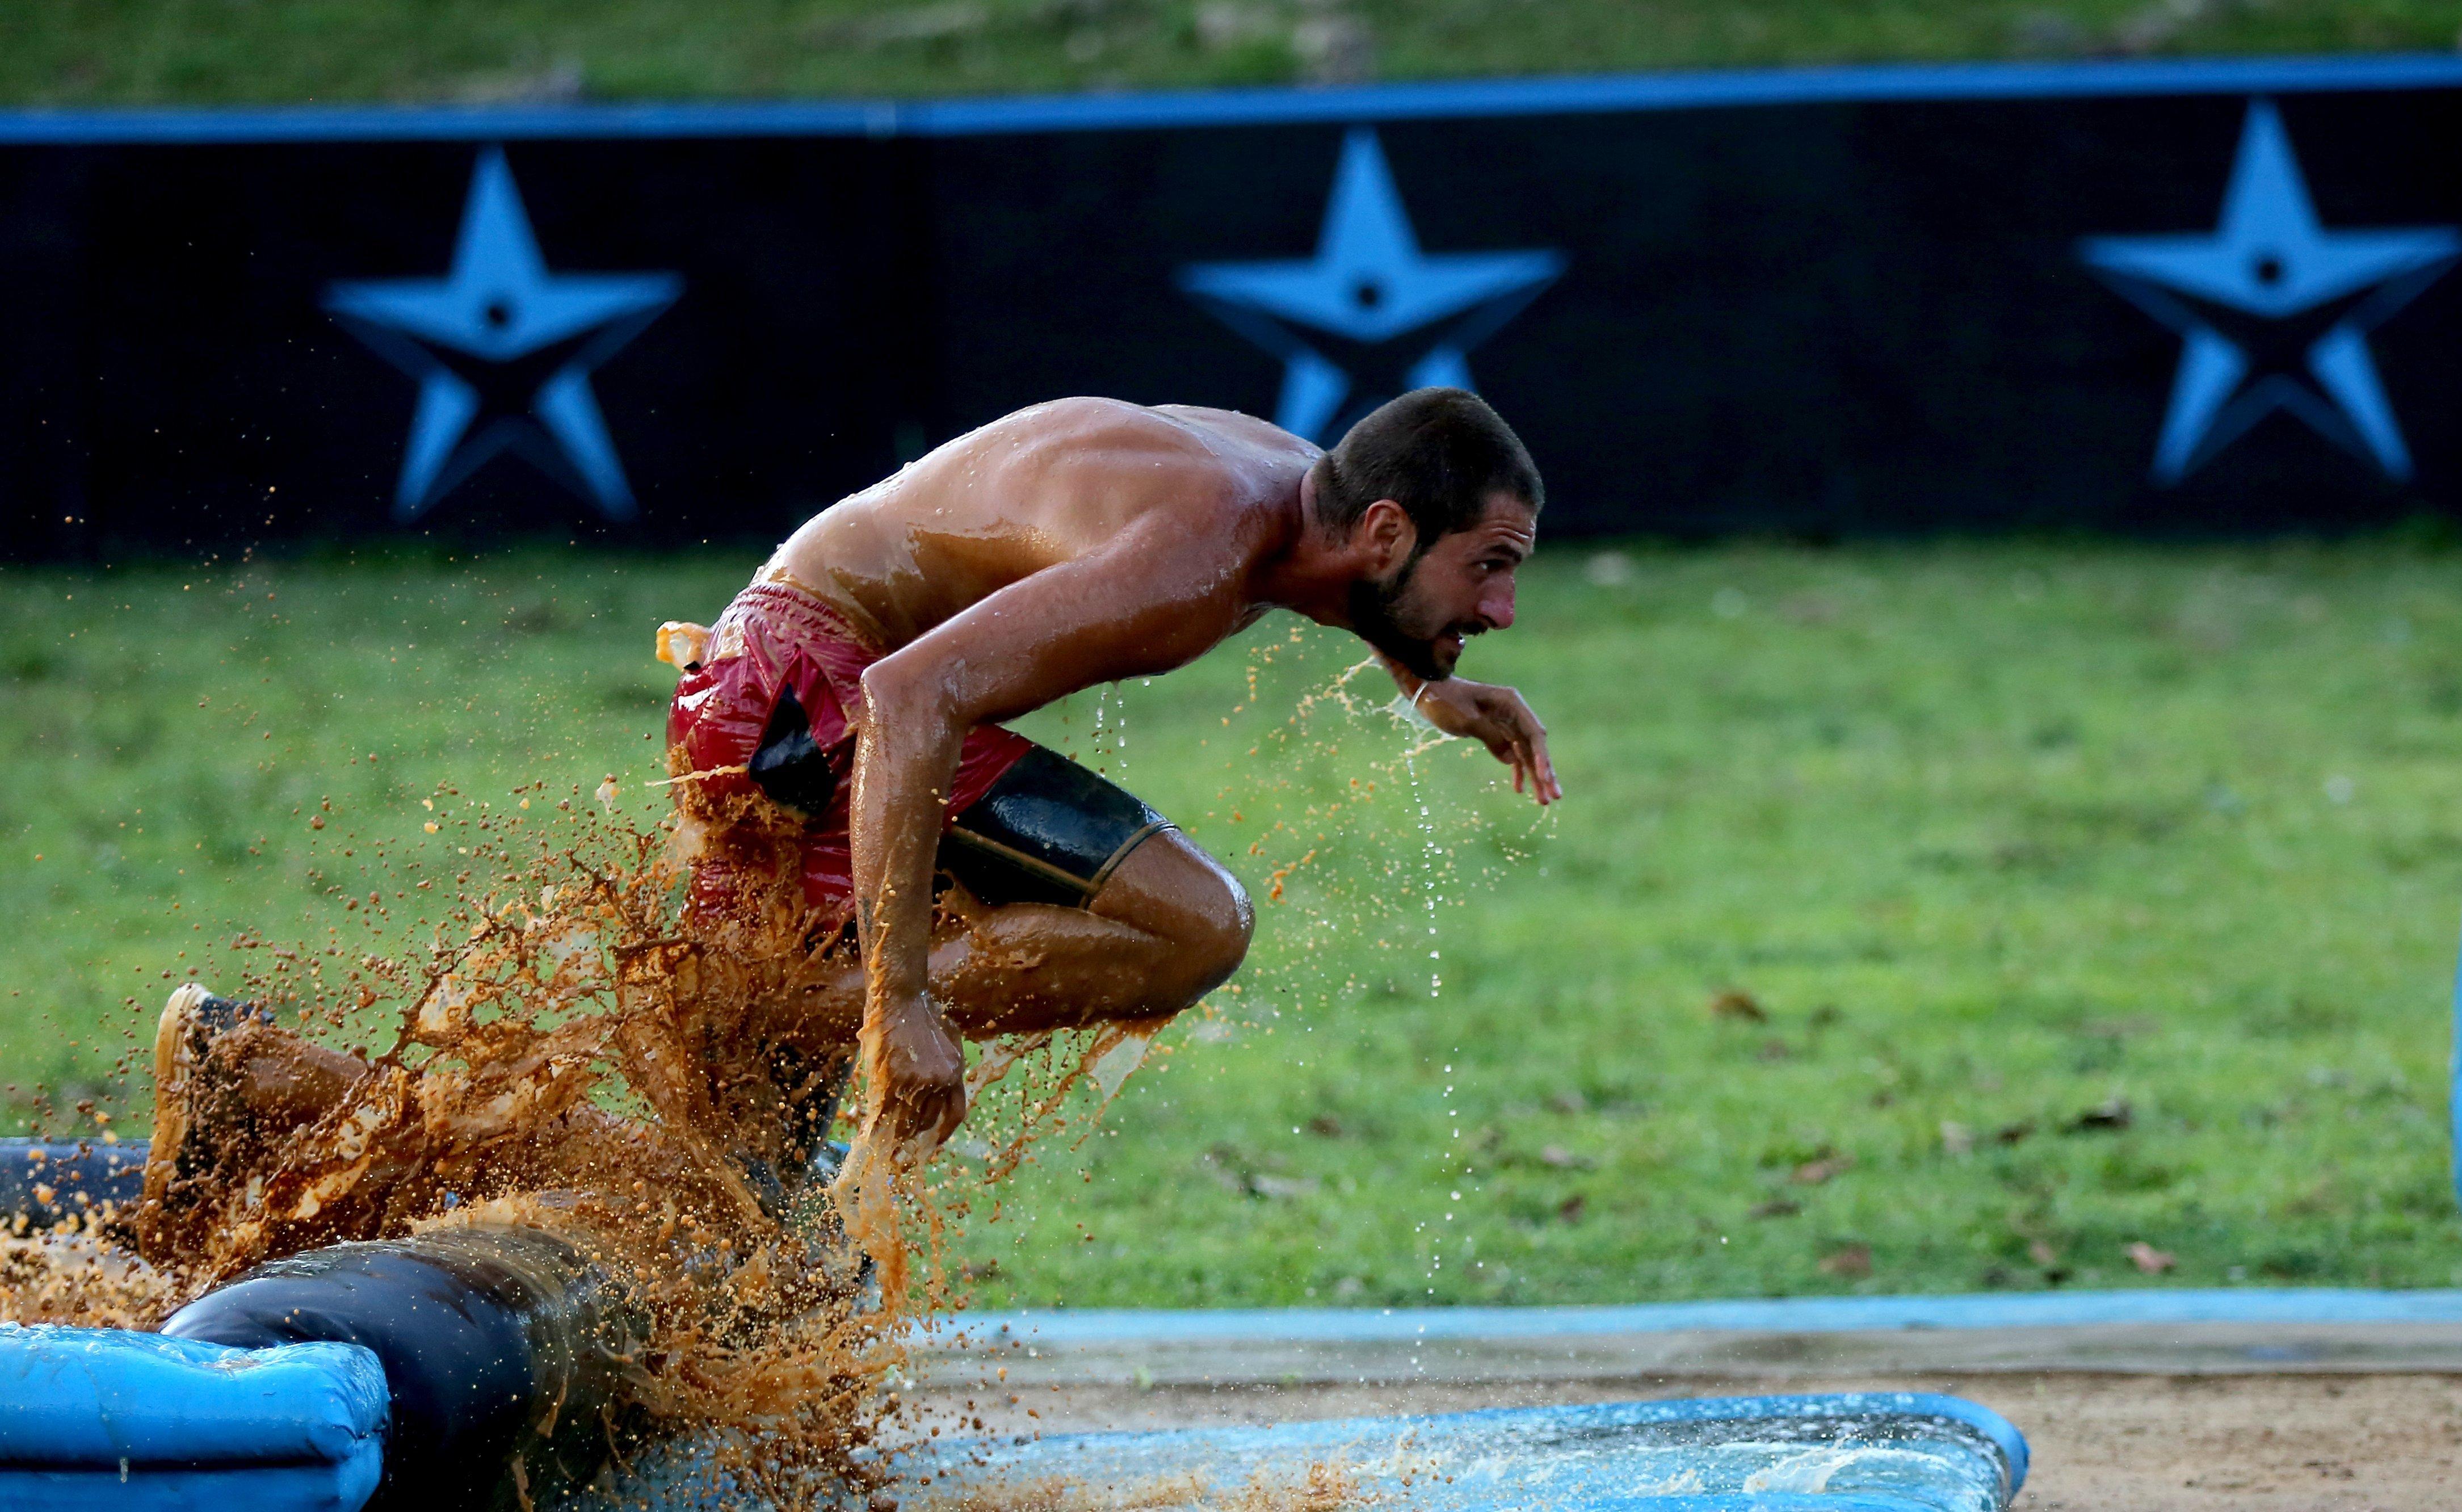 """Catalin Cazacu a trecut hopul, castana nu si-a atins scopul. Sportivul continua competiţia """"Exatlon"""", în îndepărtata Republica Dominicana! Geanina Stană paraseste concursul!"""